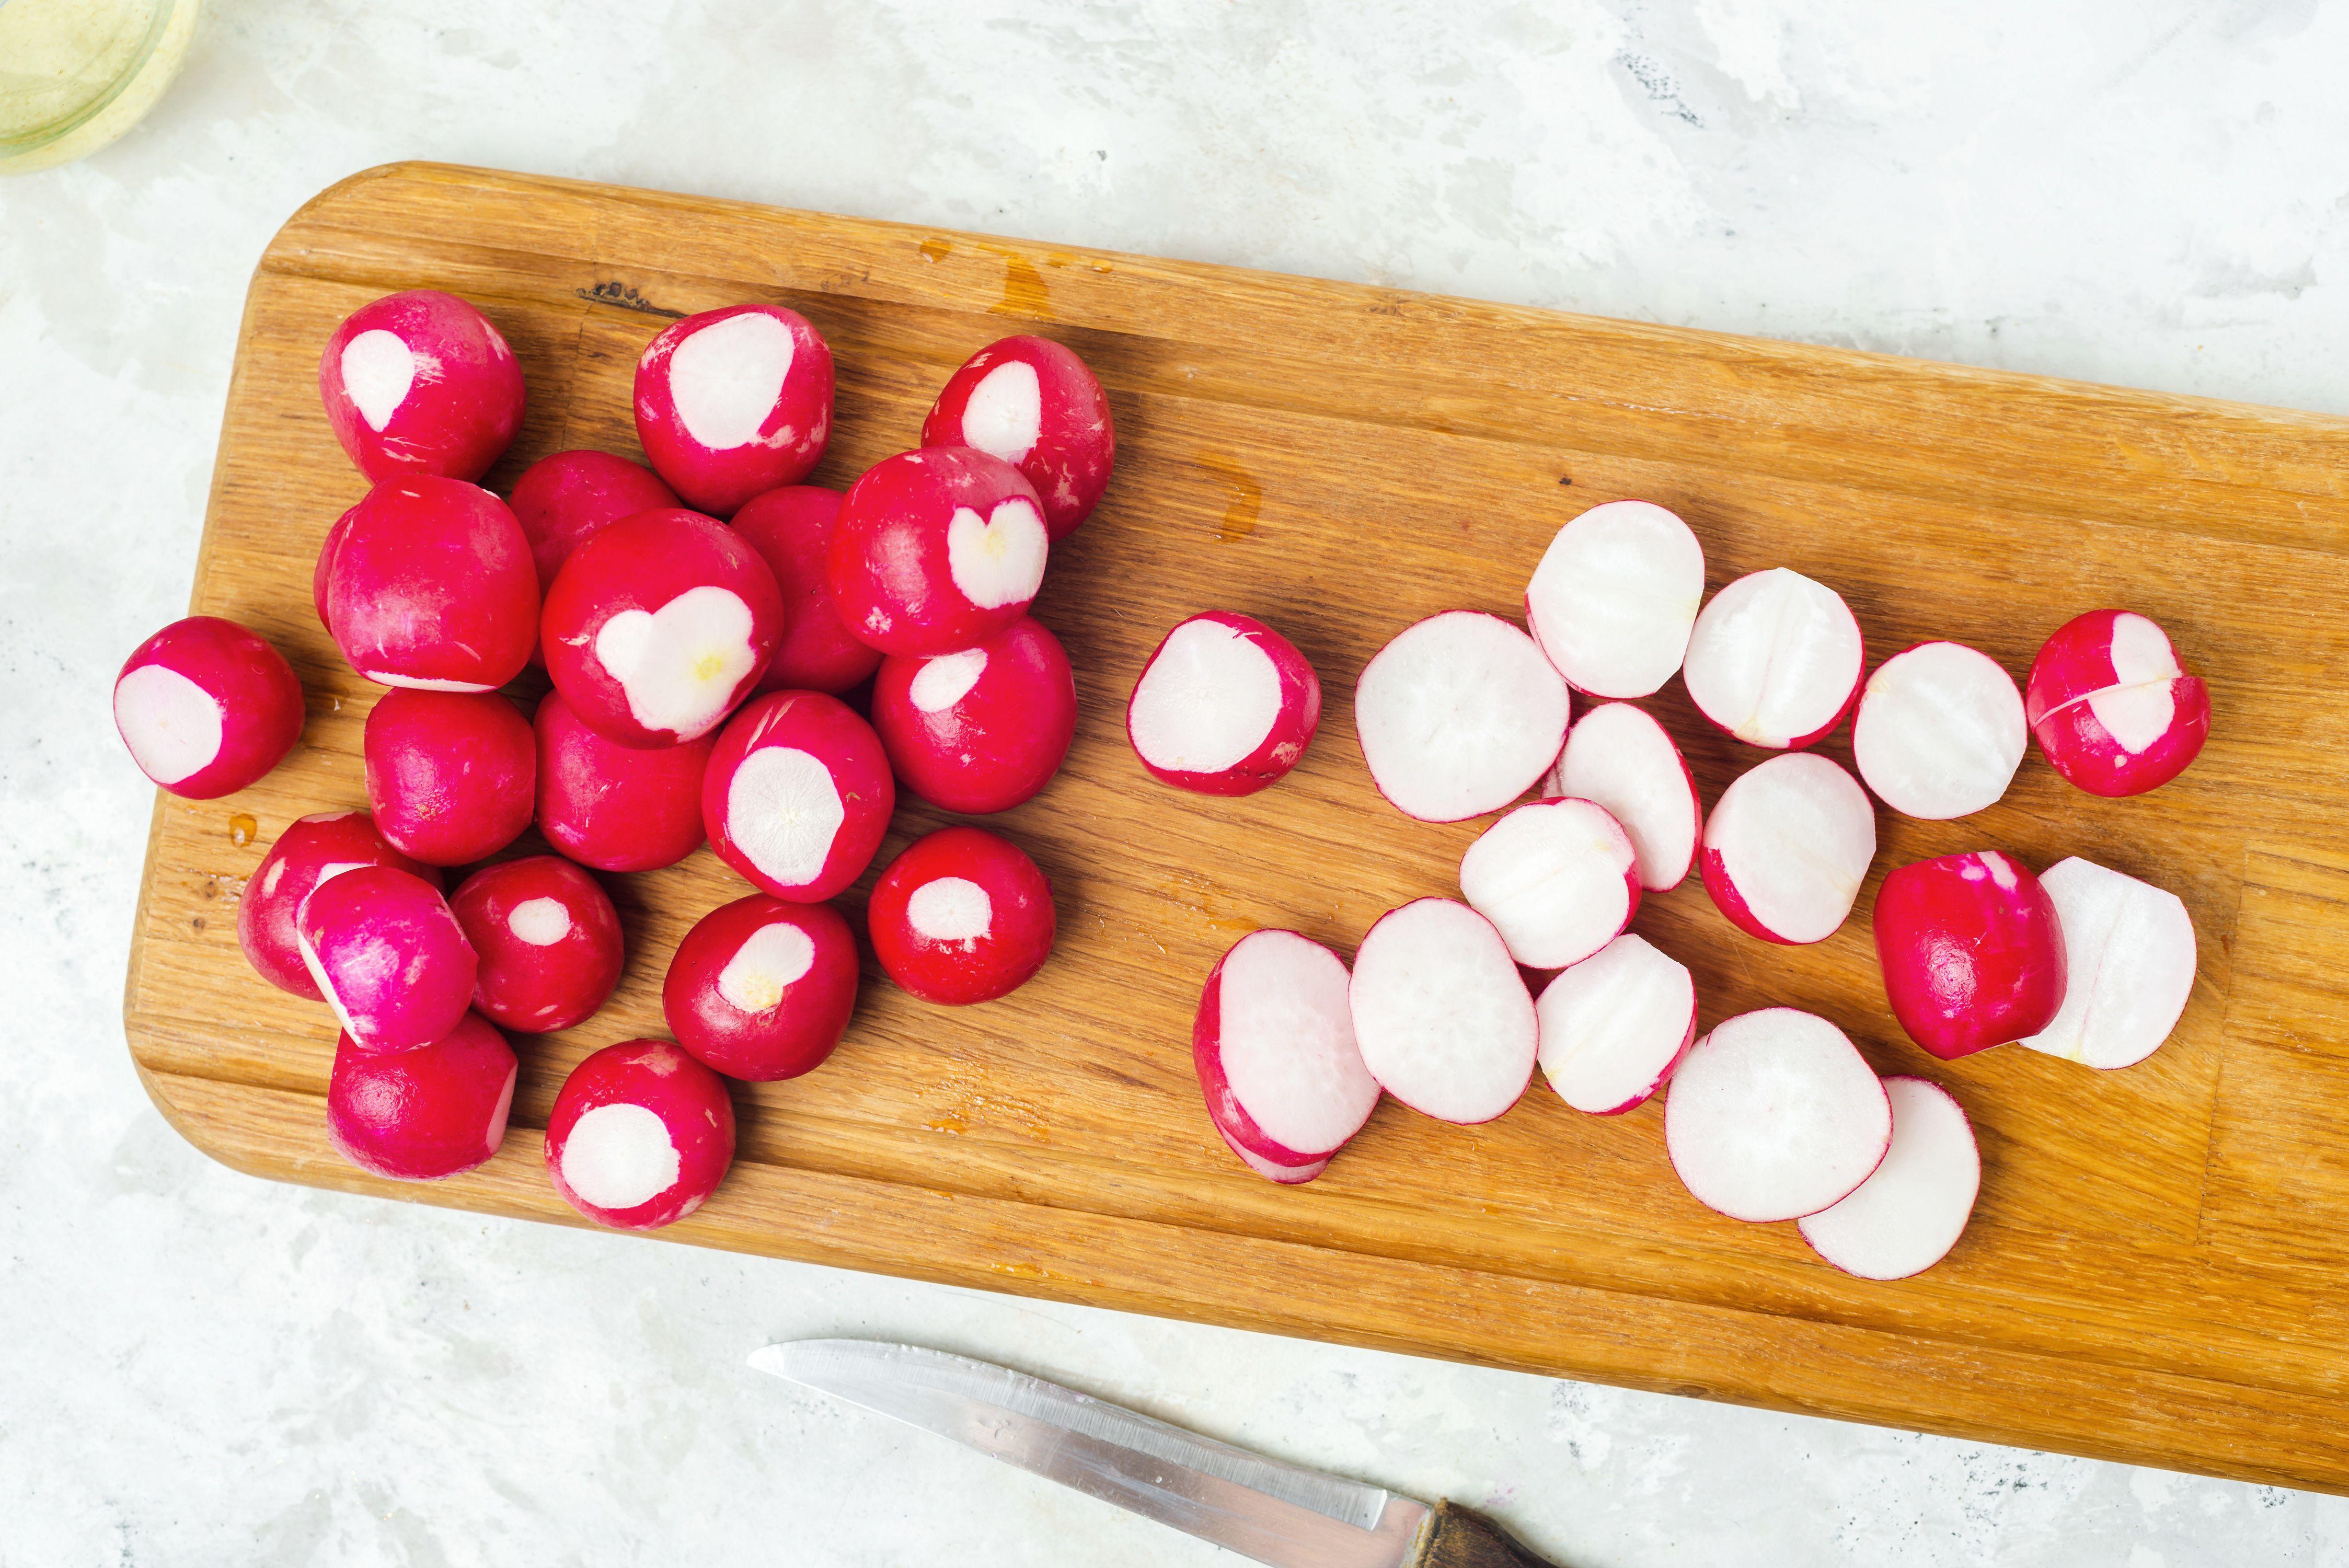 Cut radishes